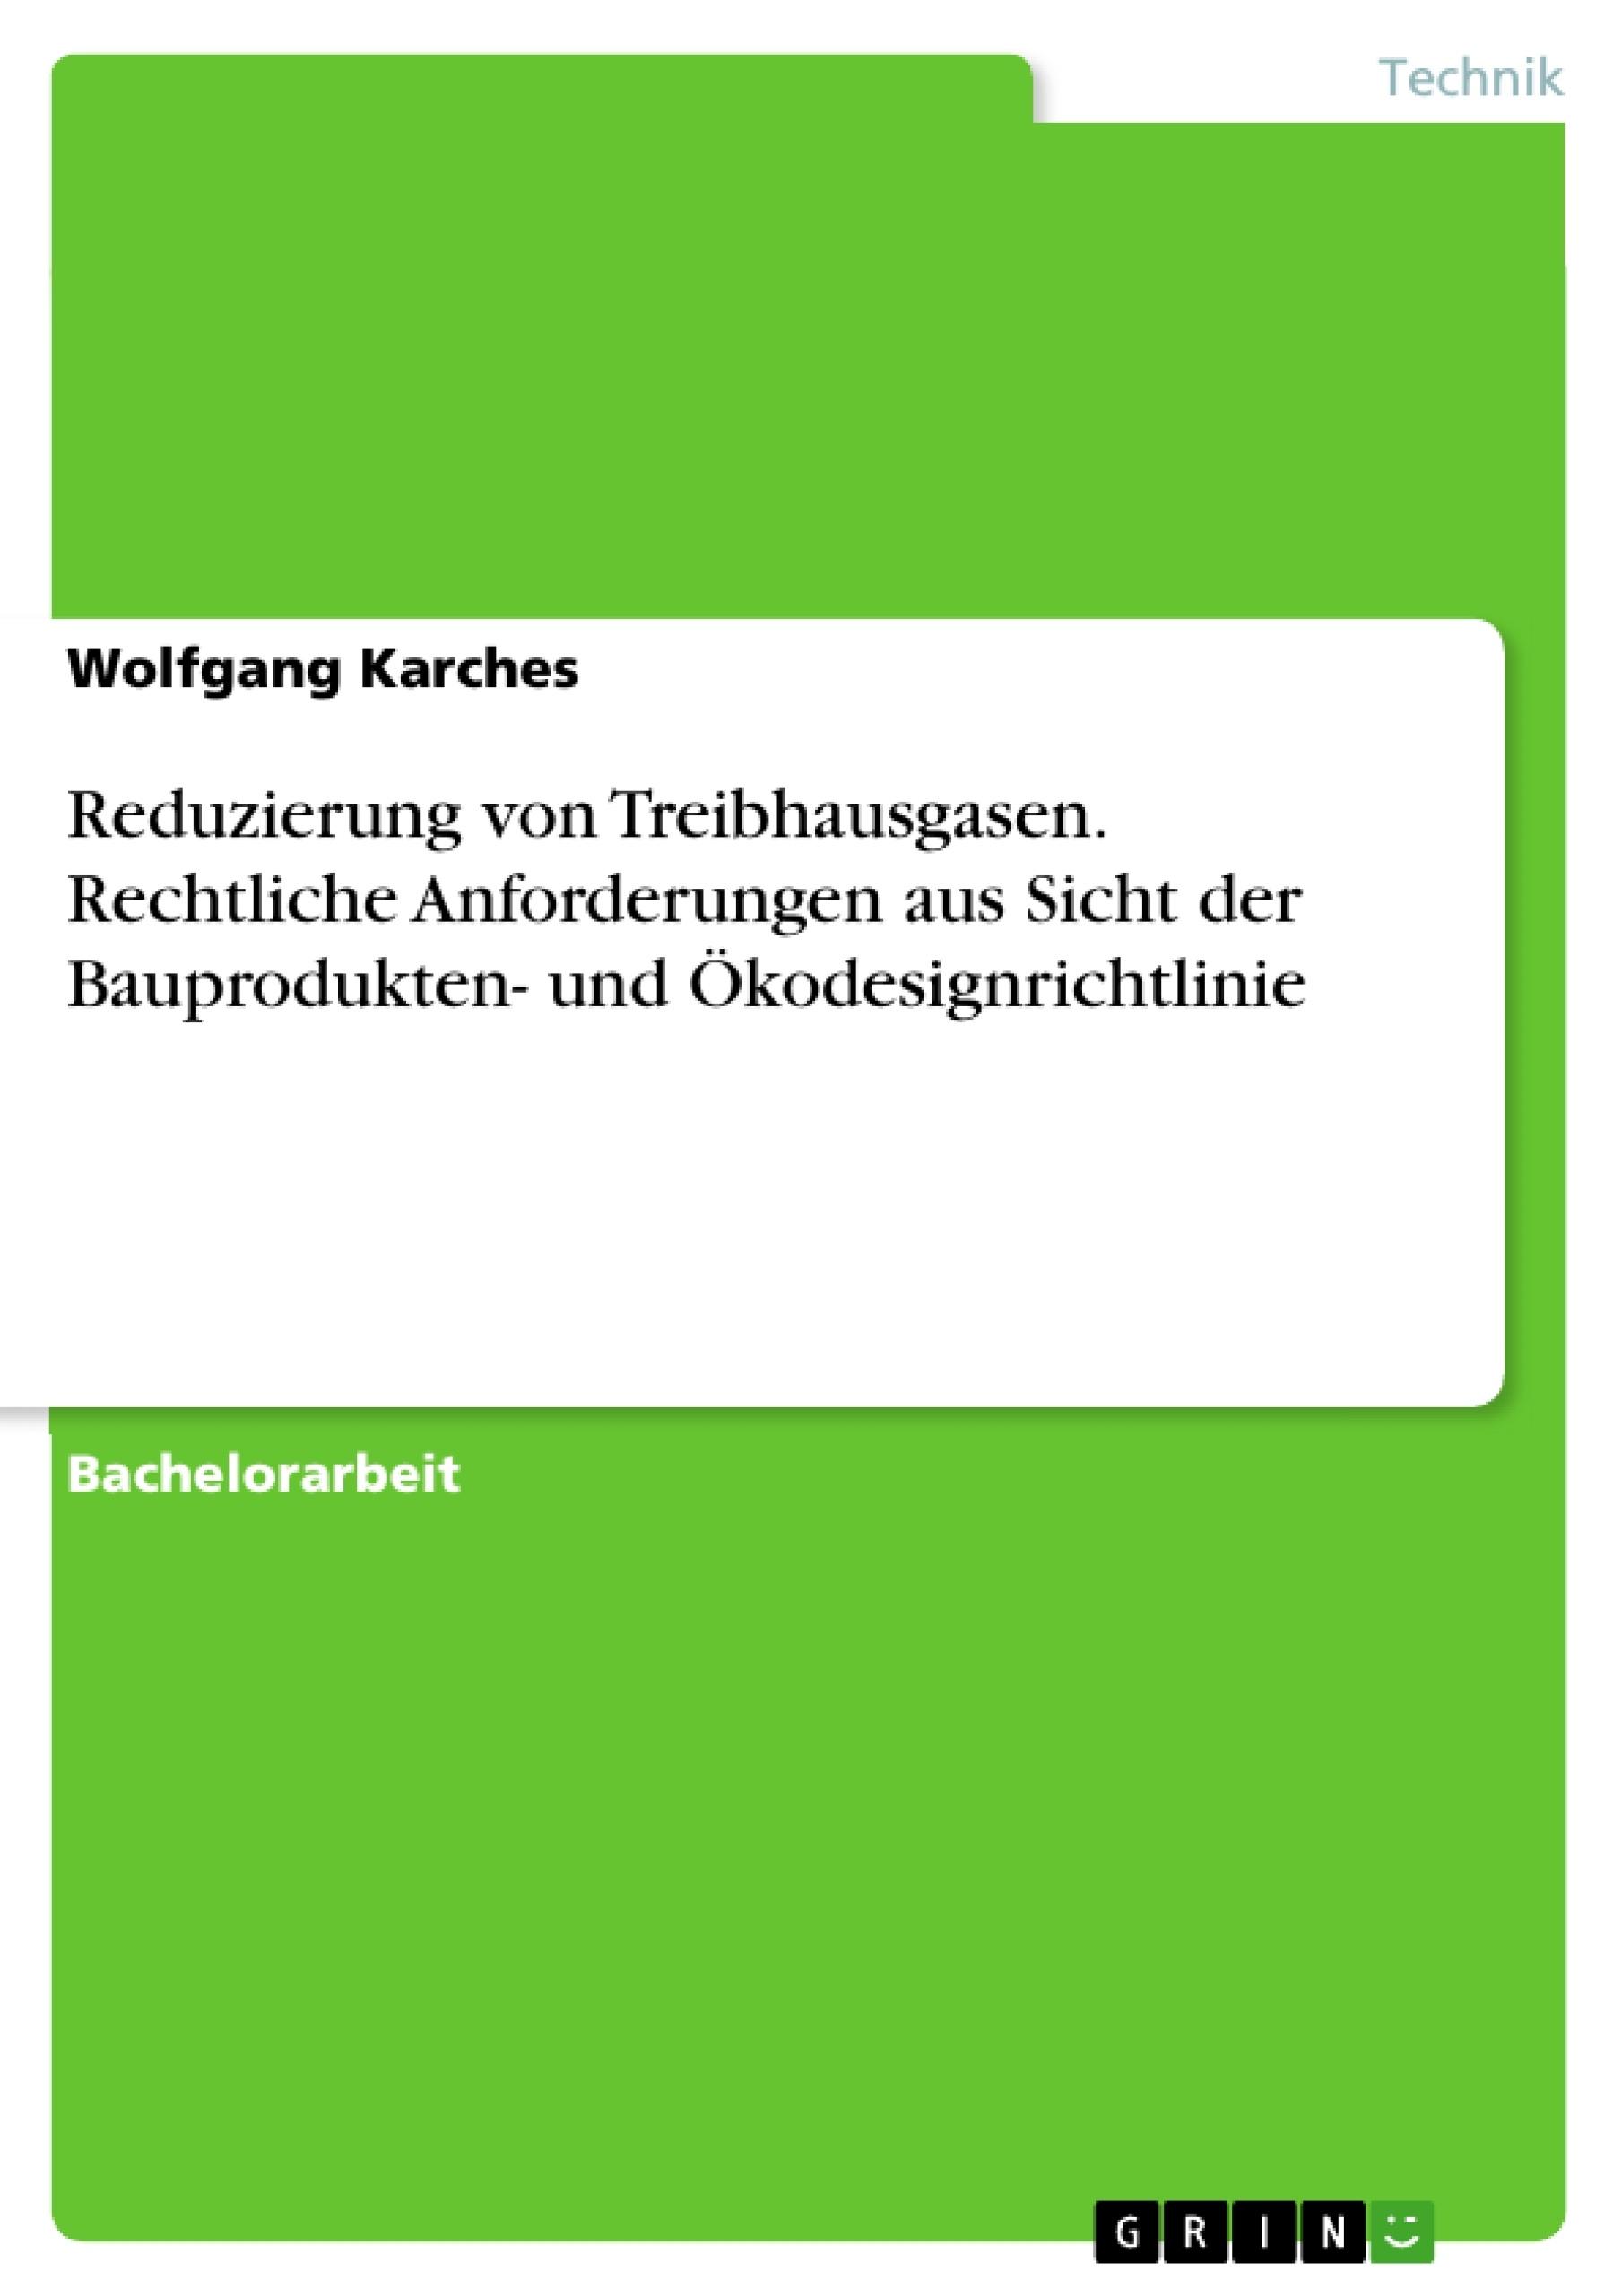 Titel: Reduzierung von Treibhausgasen. Rechtliche Anforderungen aus Sicht der Bauprodukten- und Ökodesignrichtlinie